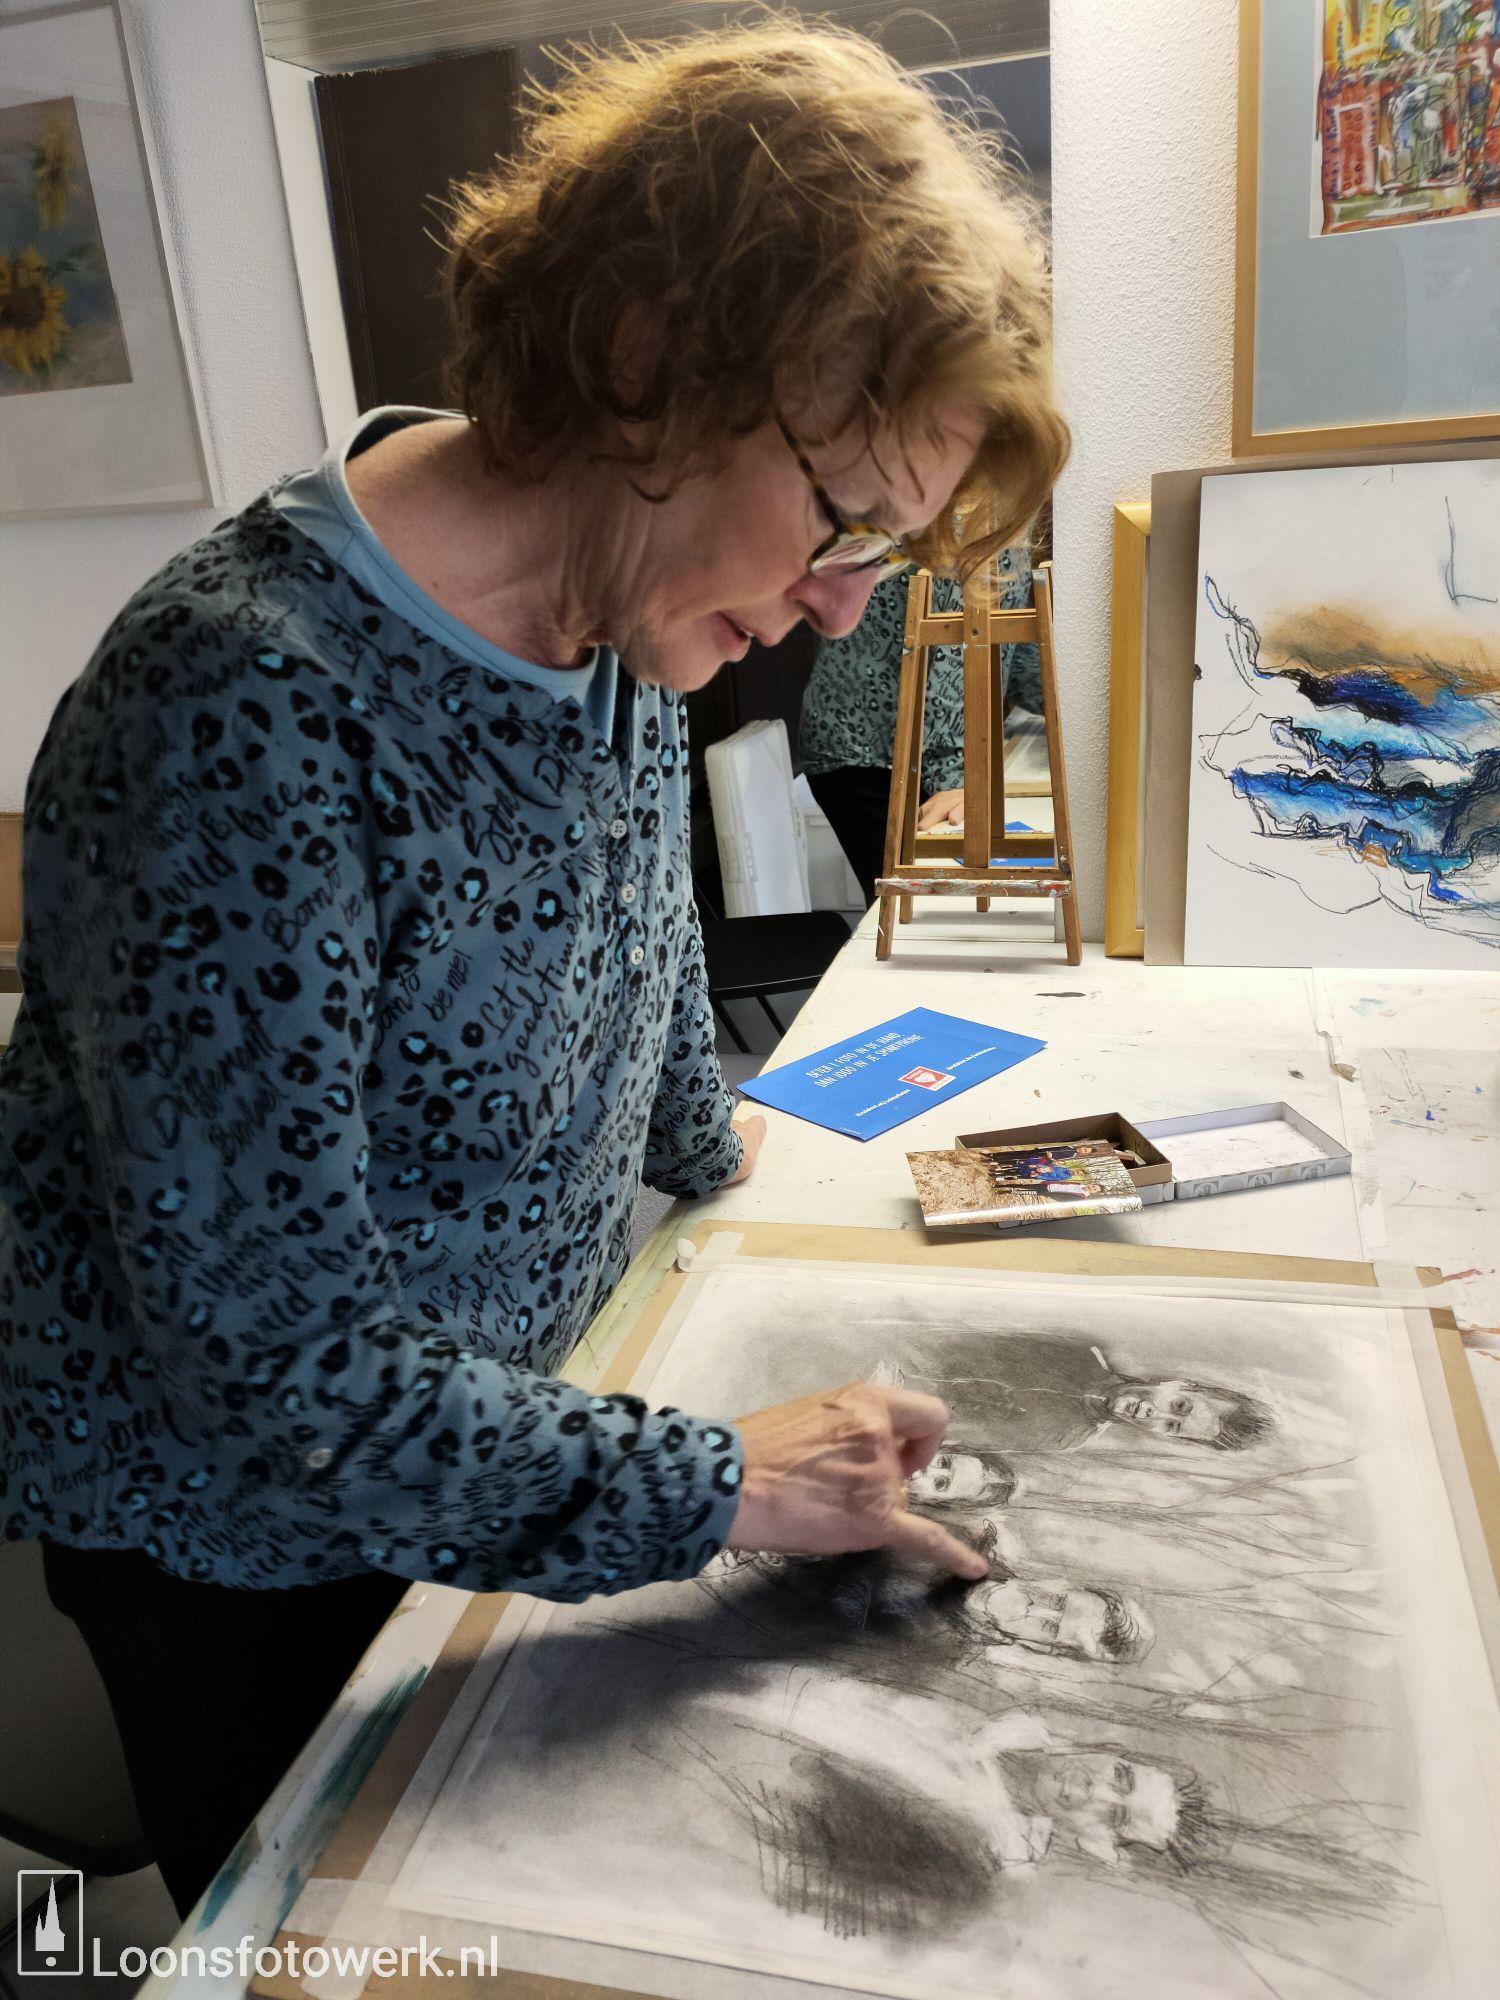 Els Smulders - Waijers, kunstenares in hart en nieren 12